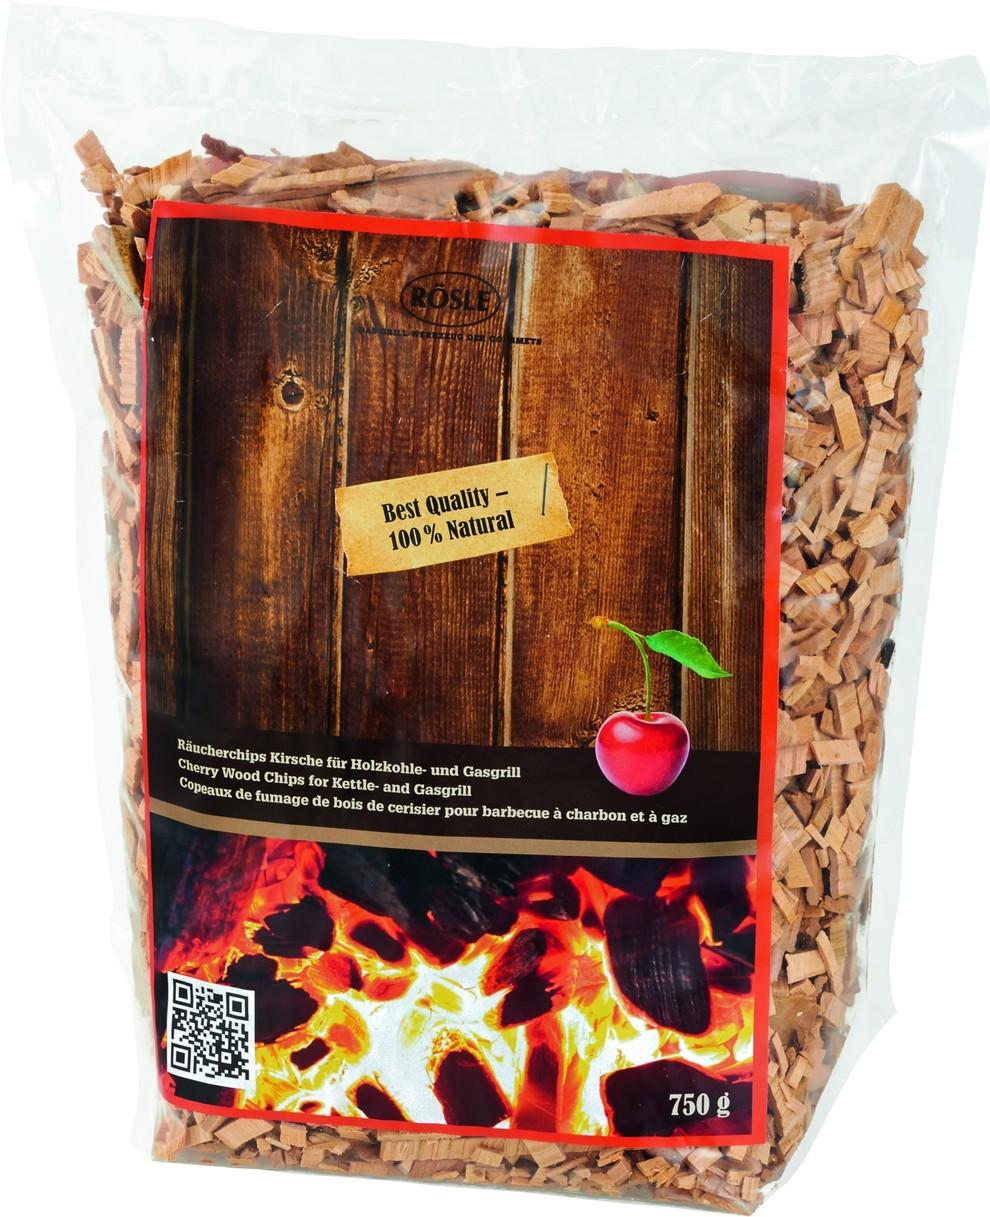 R sle copeaux de fumage bois de cerisier 25105 25105 achetez au meilleur prix chez francis - Copeaux de bois prix au m3 ...